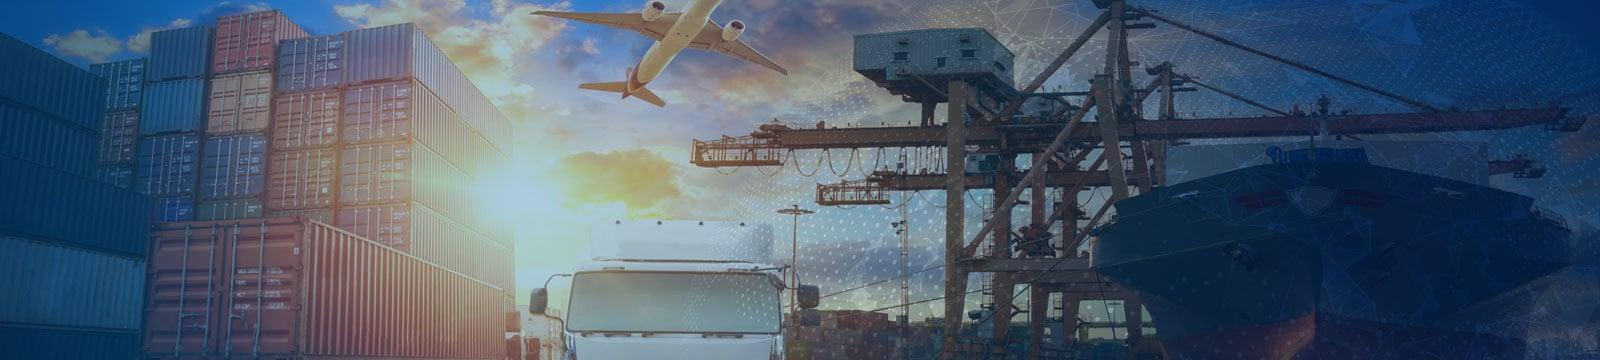 Industrial-Transportation.jpg